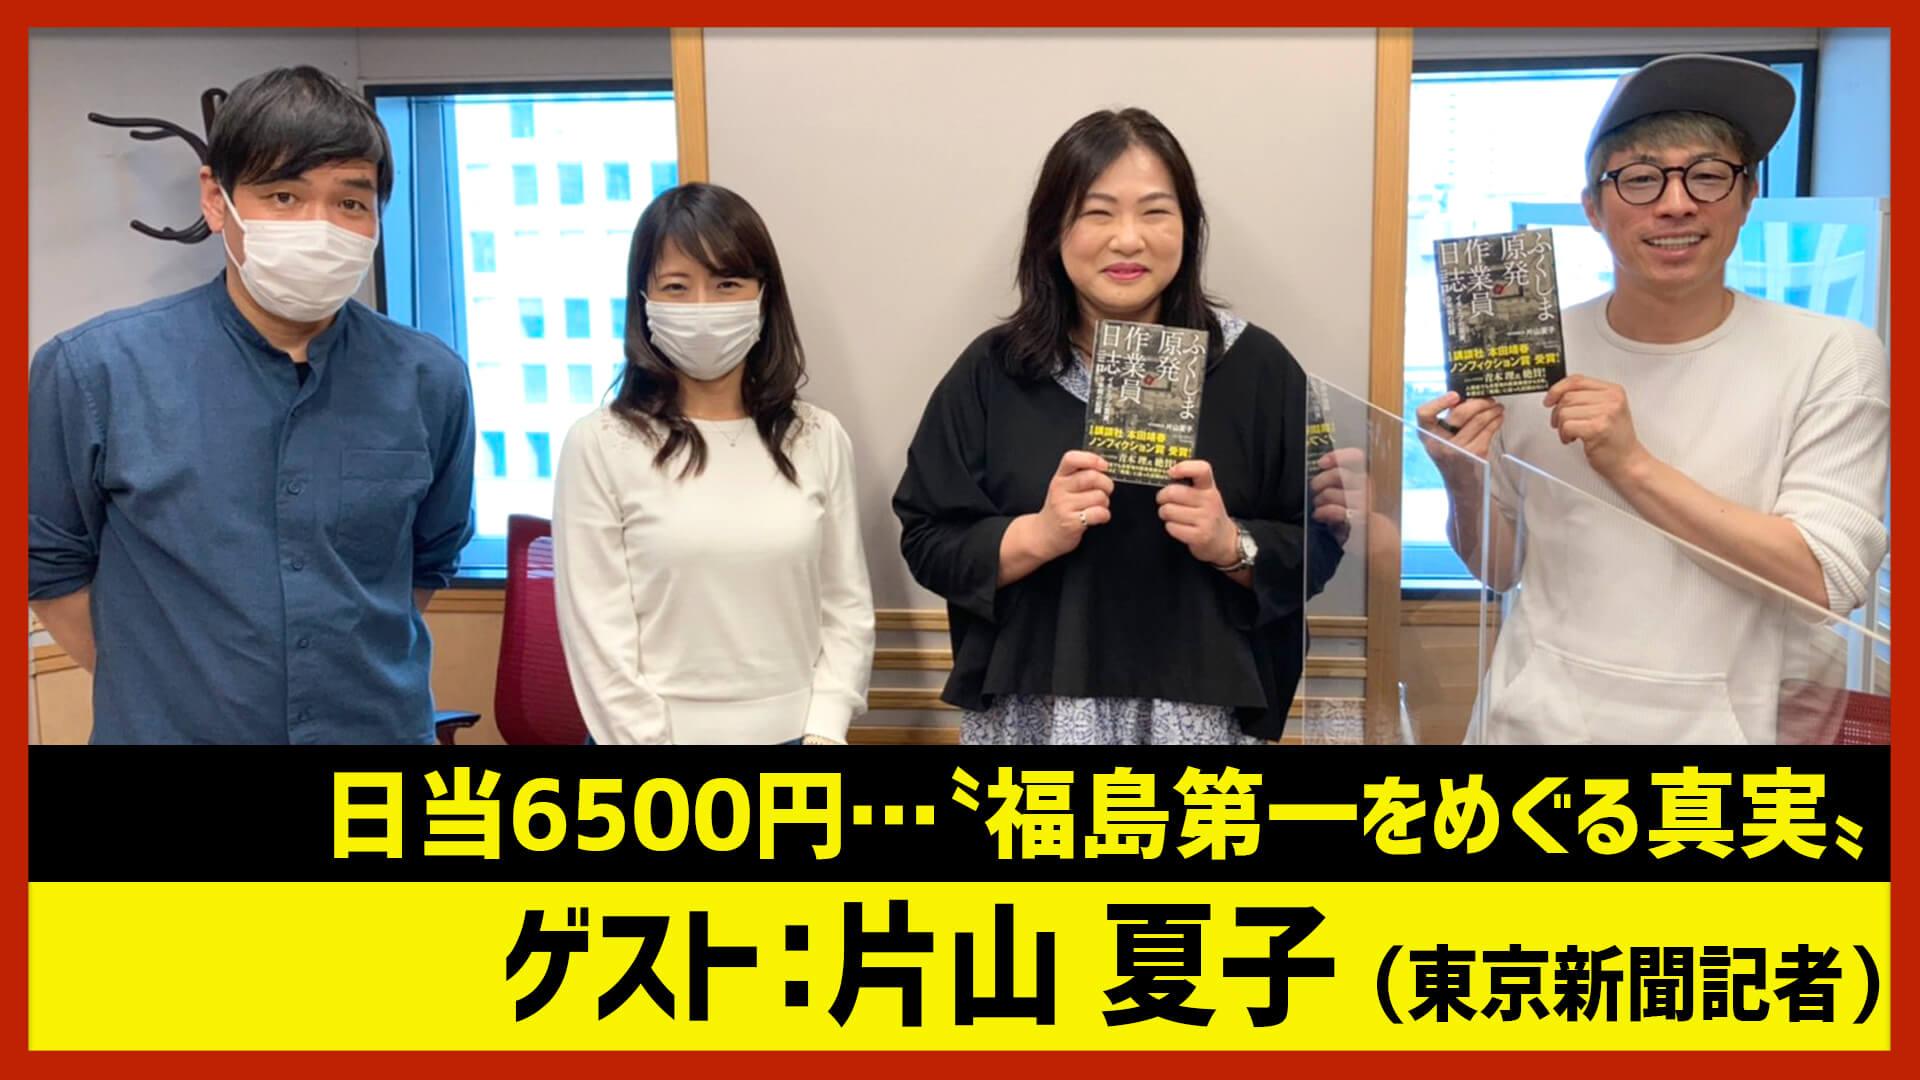 【田村淳のNewsCLUB】ゲスト: 片山夏子さん(2021年3月27日後半)